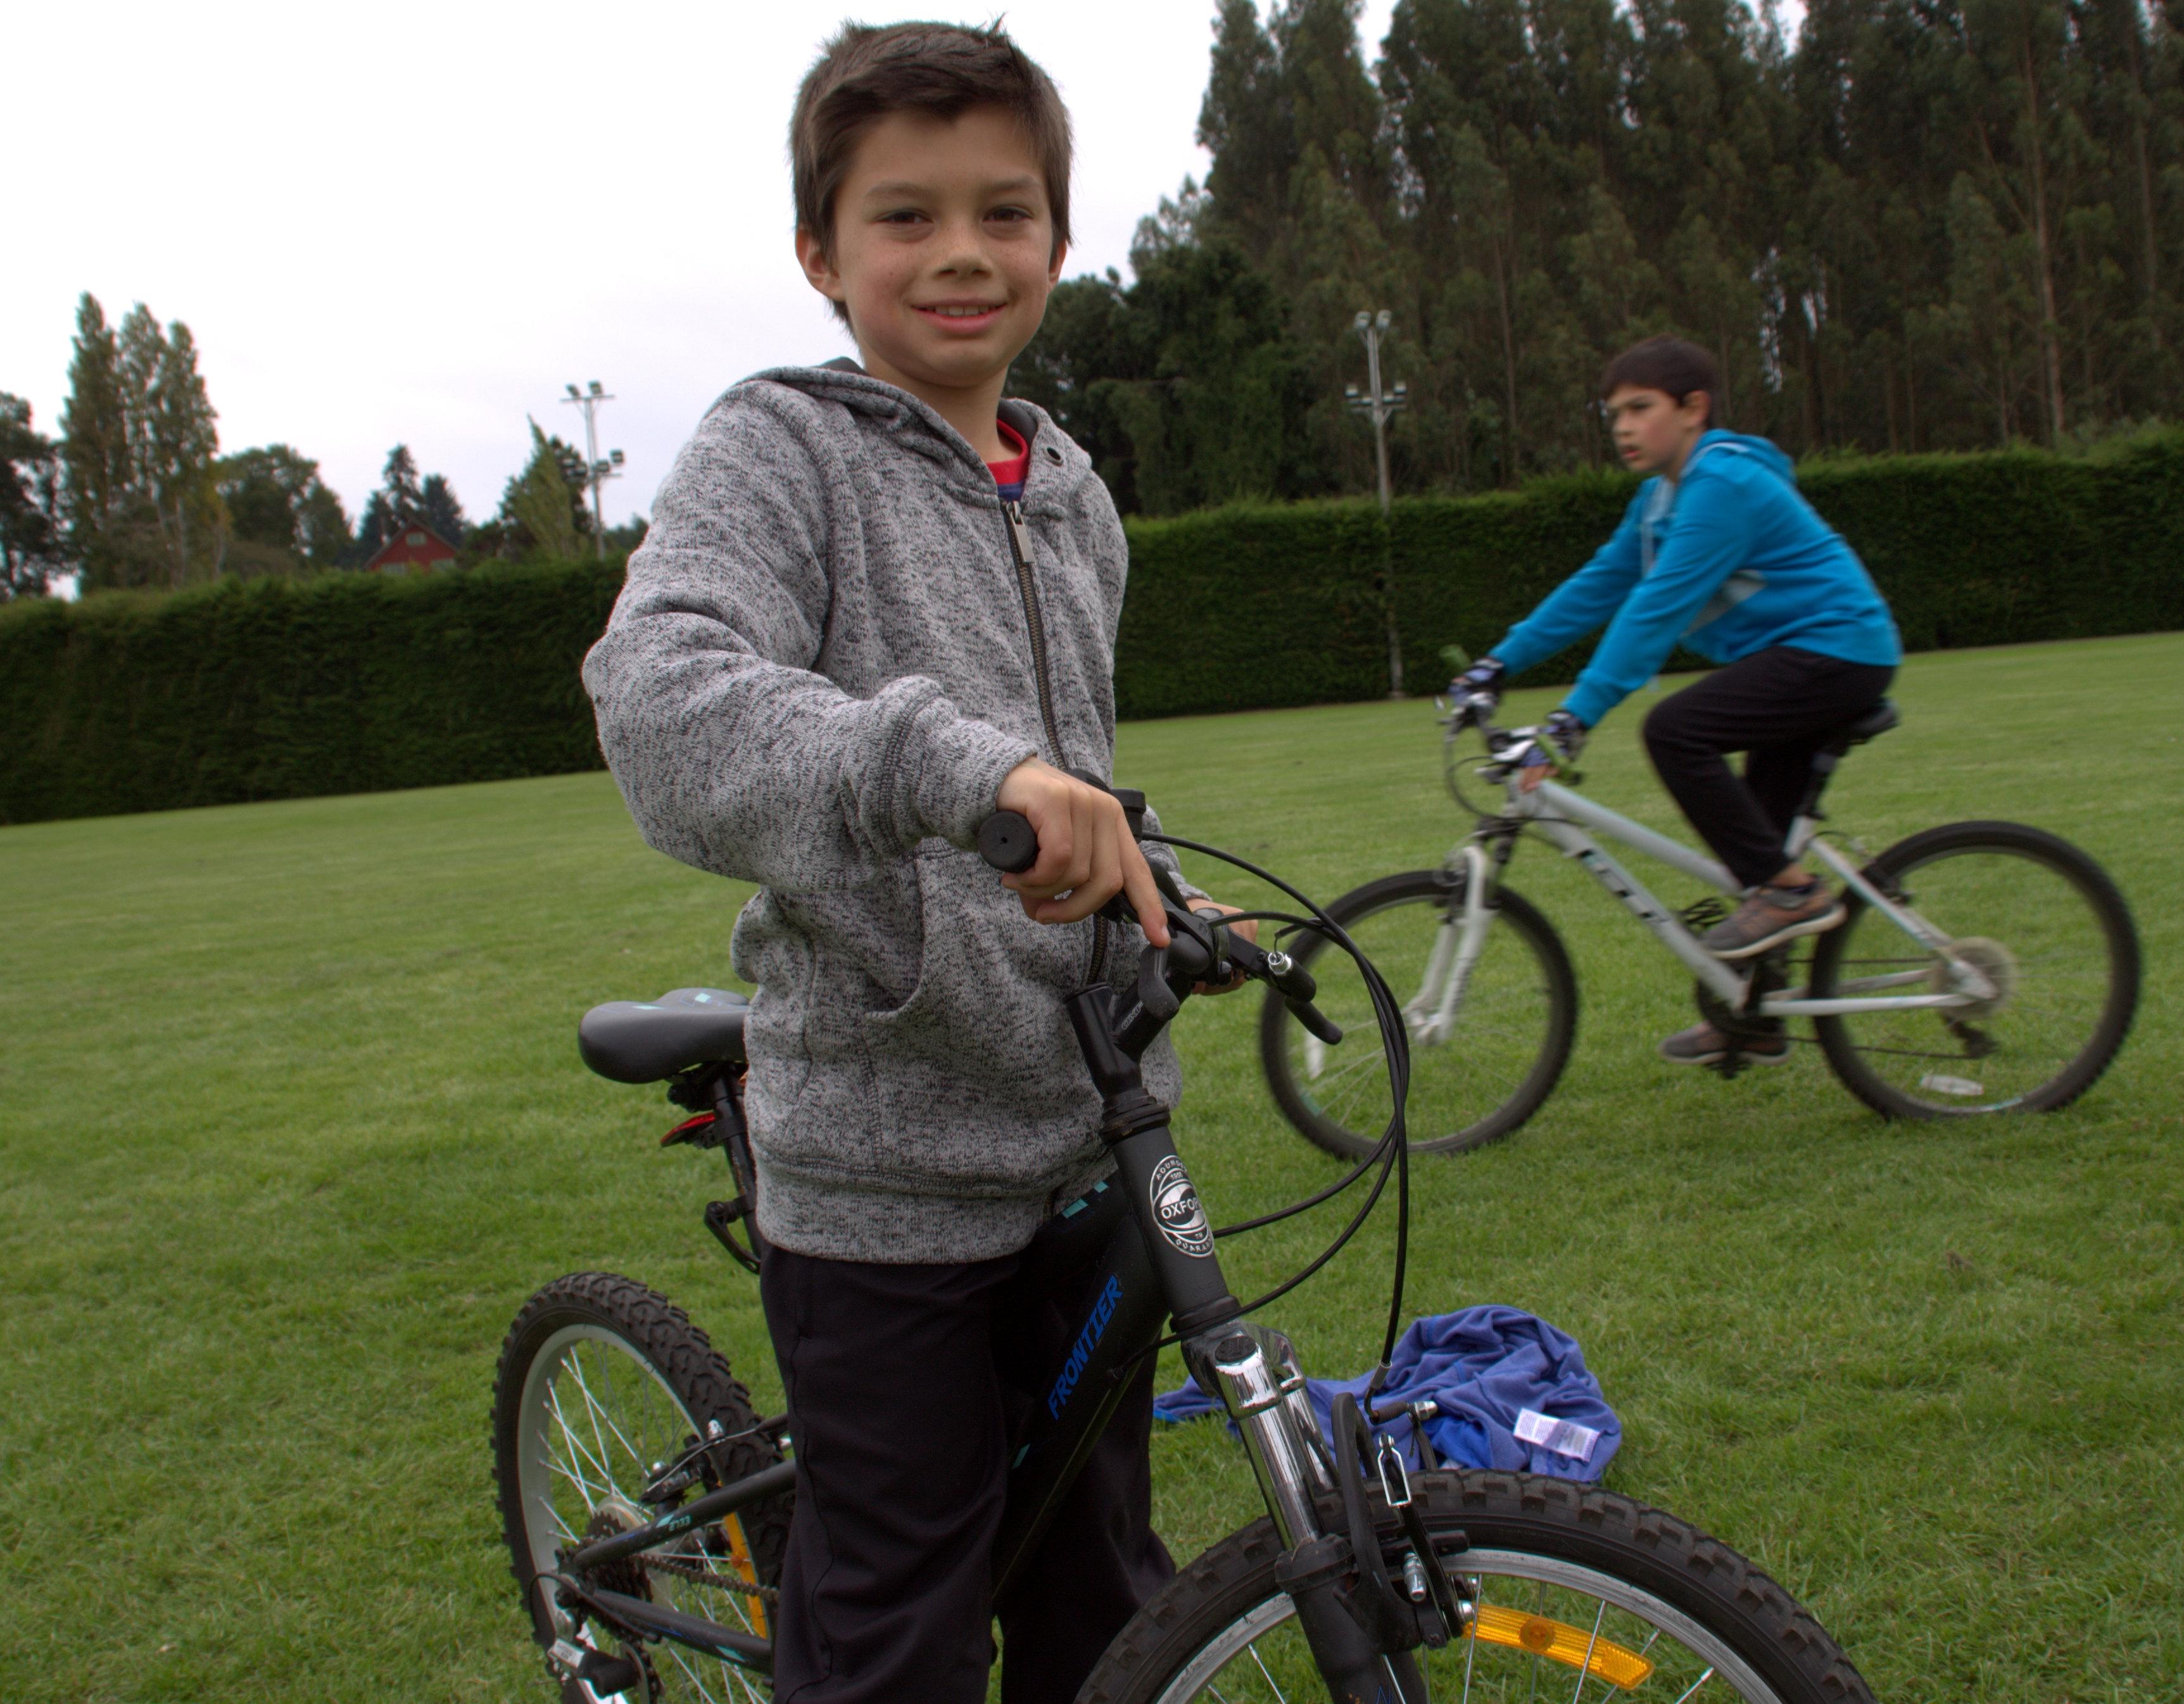 primer lugar en tres vueltas en bici